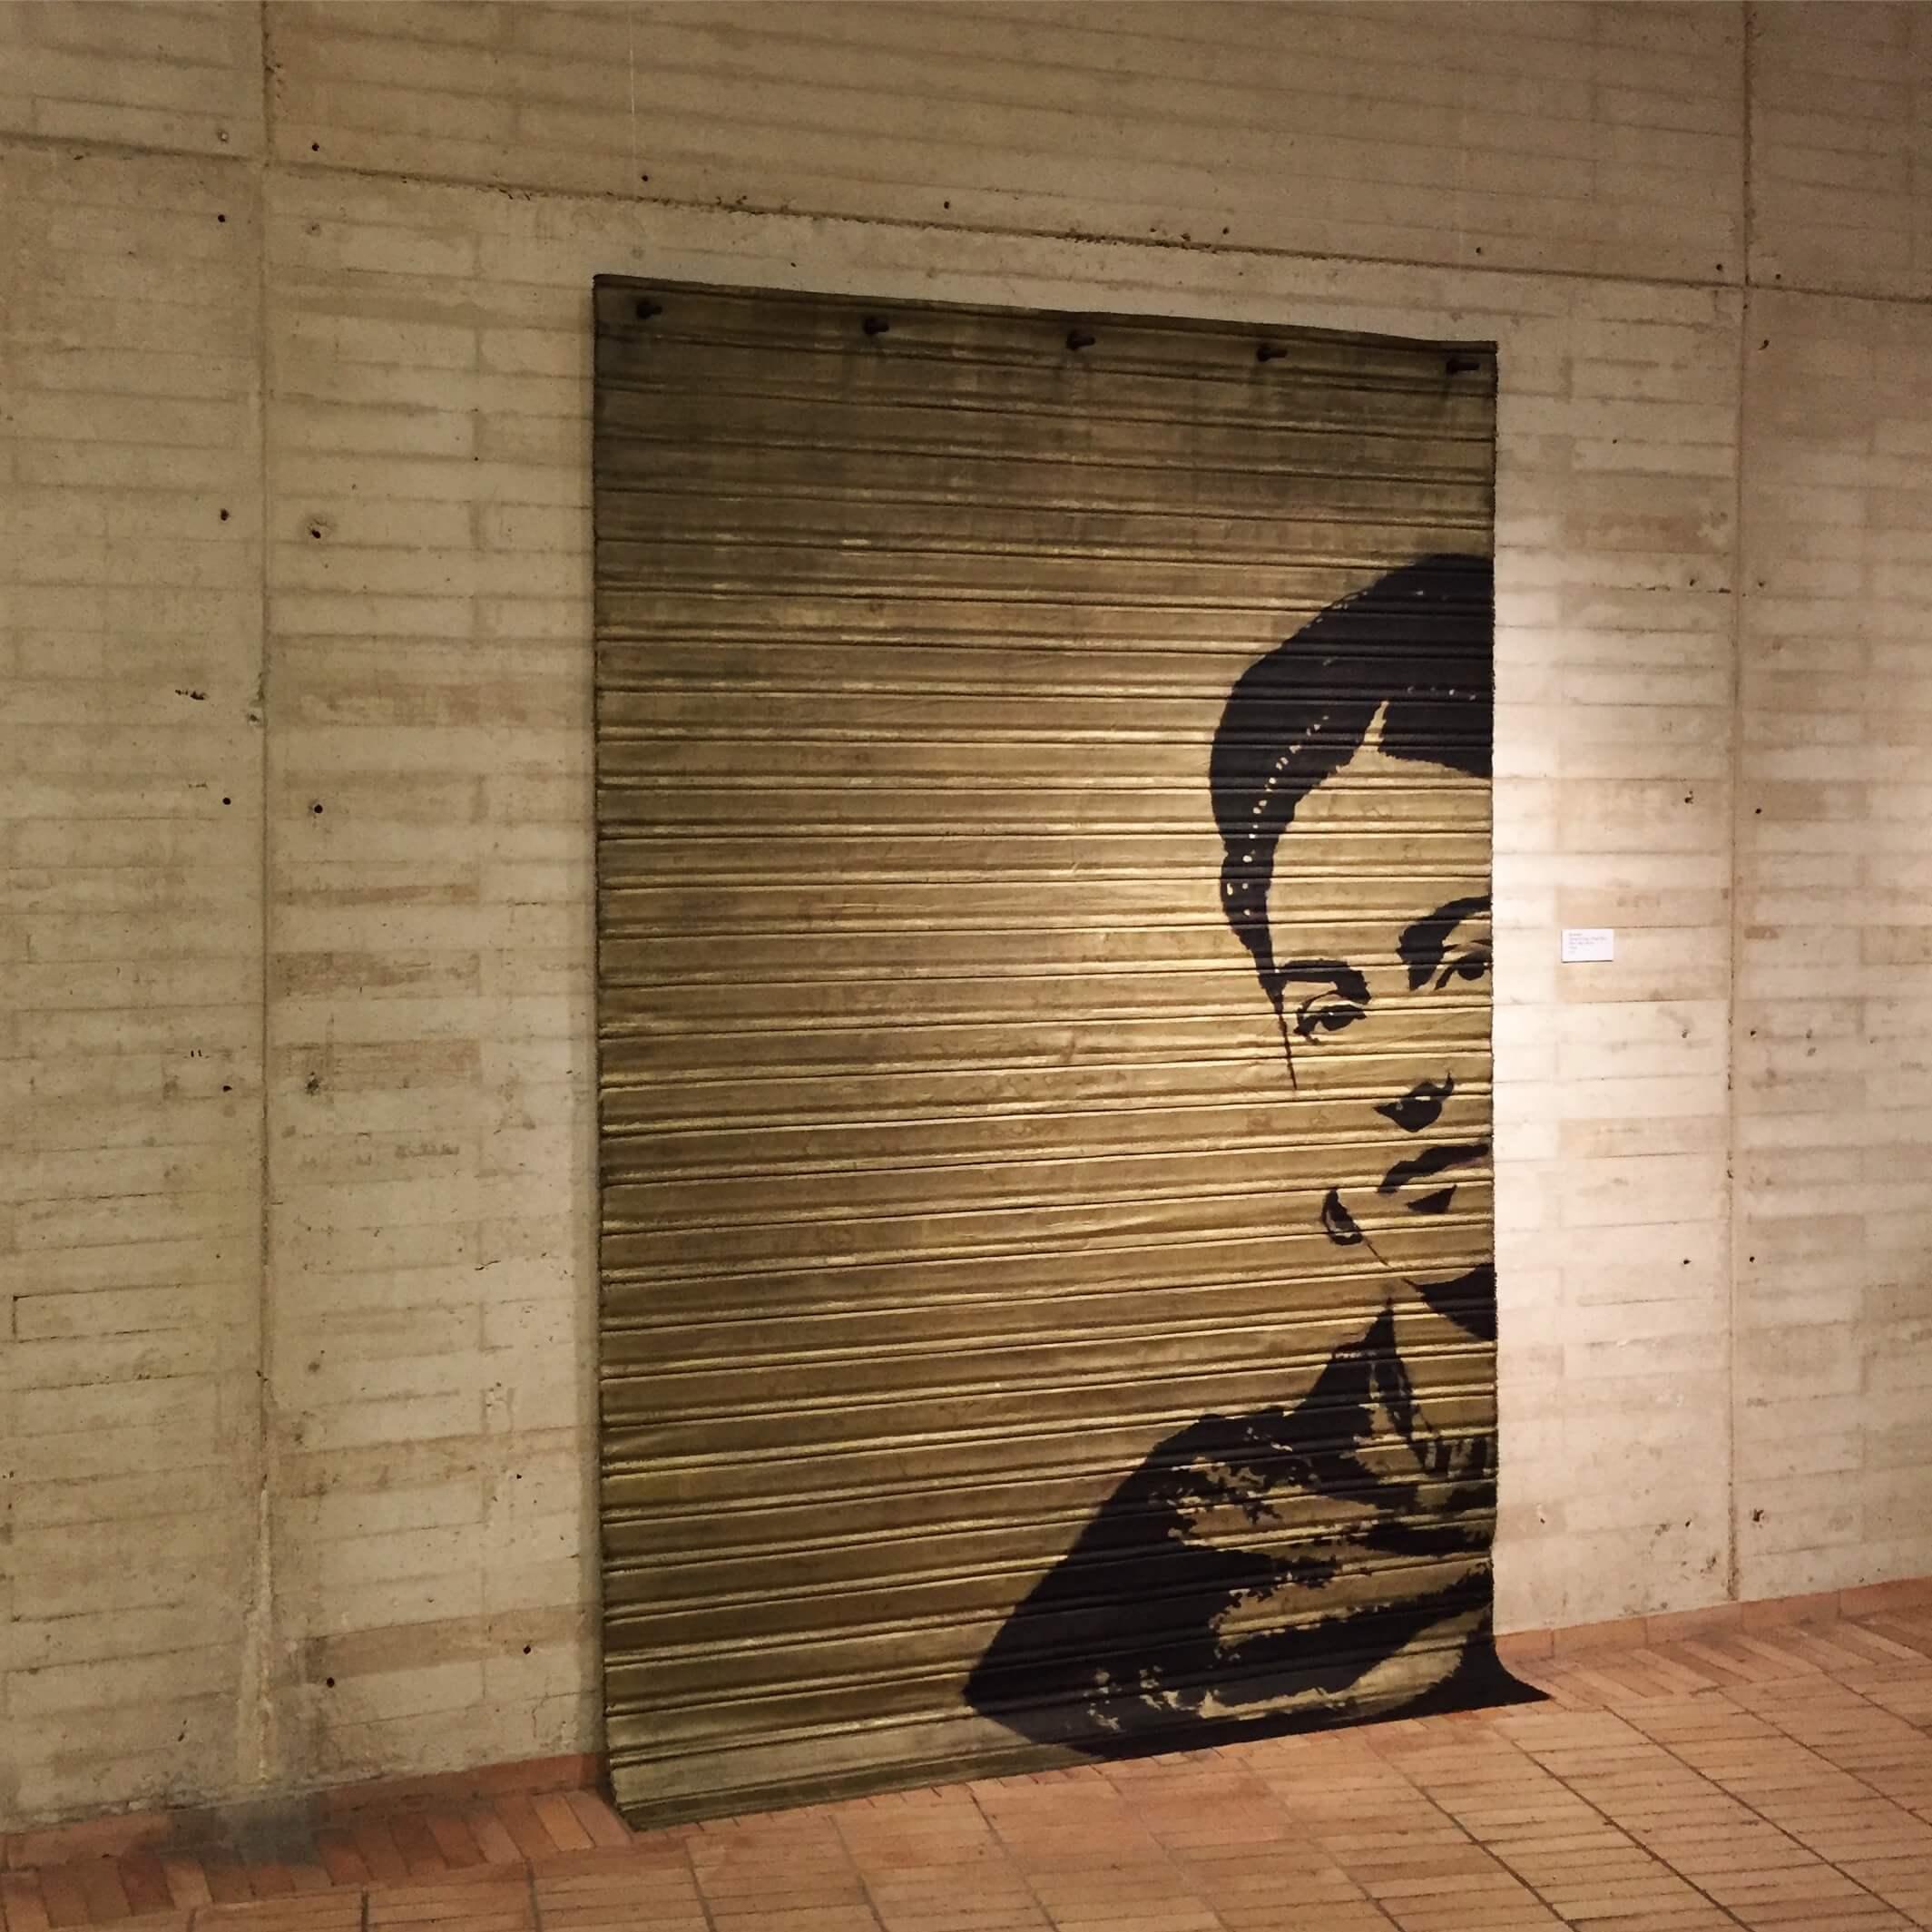 Diego Diaz Artista / Instalación - Frida Kahlo, persiana, artista colombiano